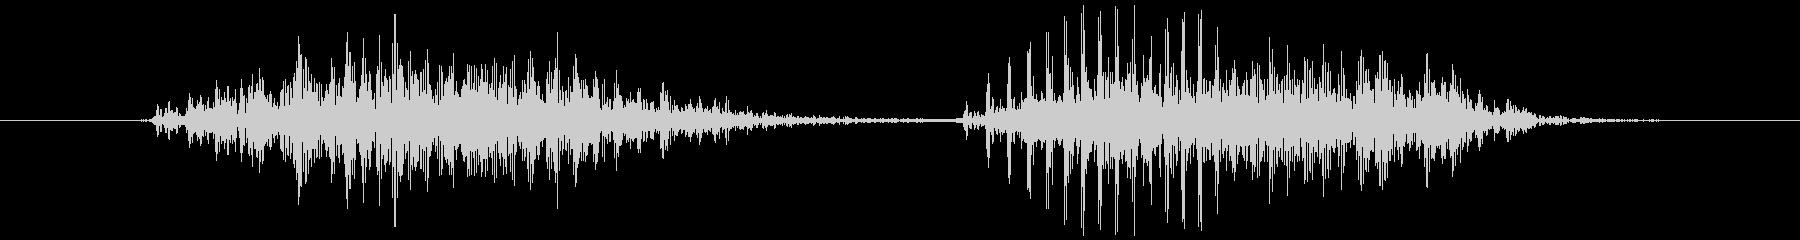 スマイルハンマー ビヨッの未再生の波形